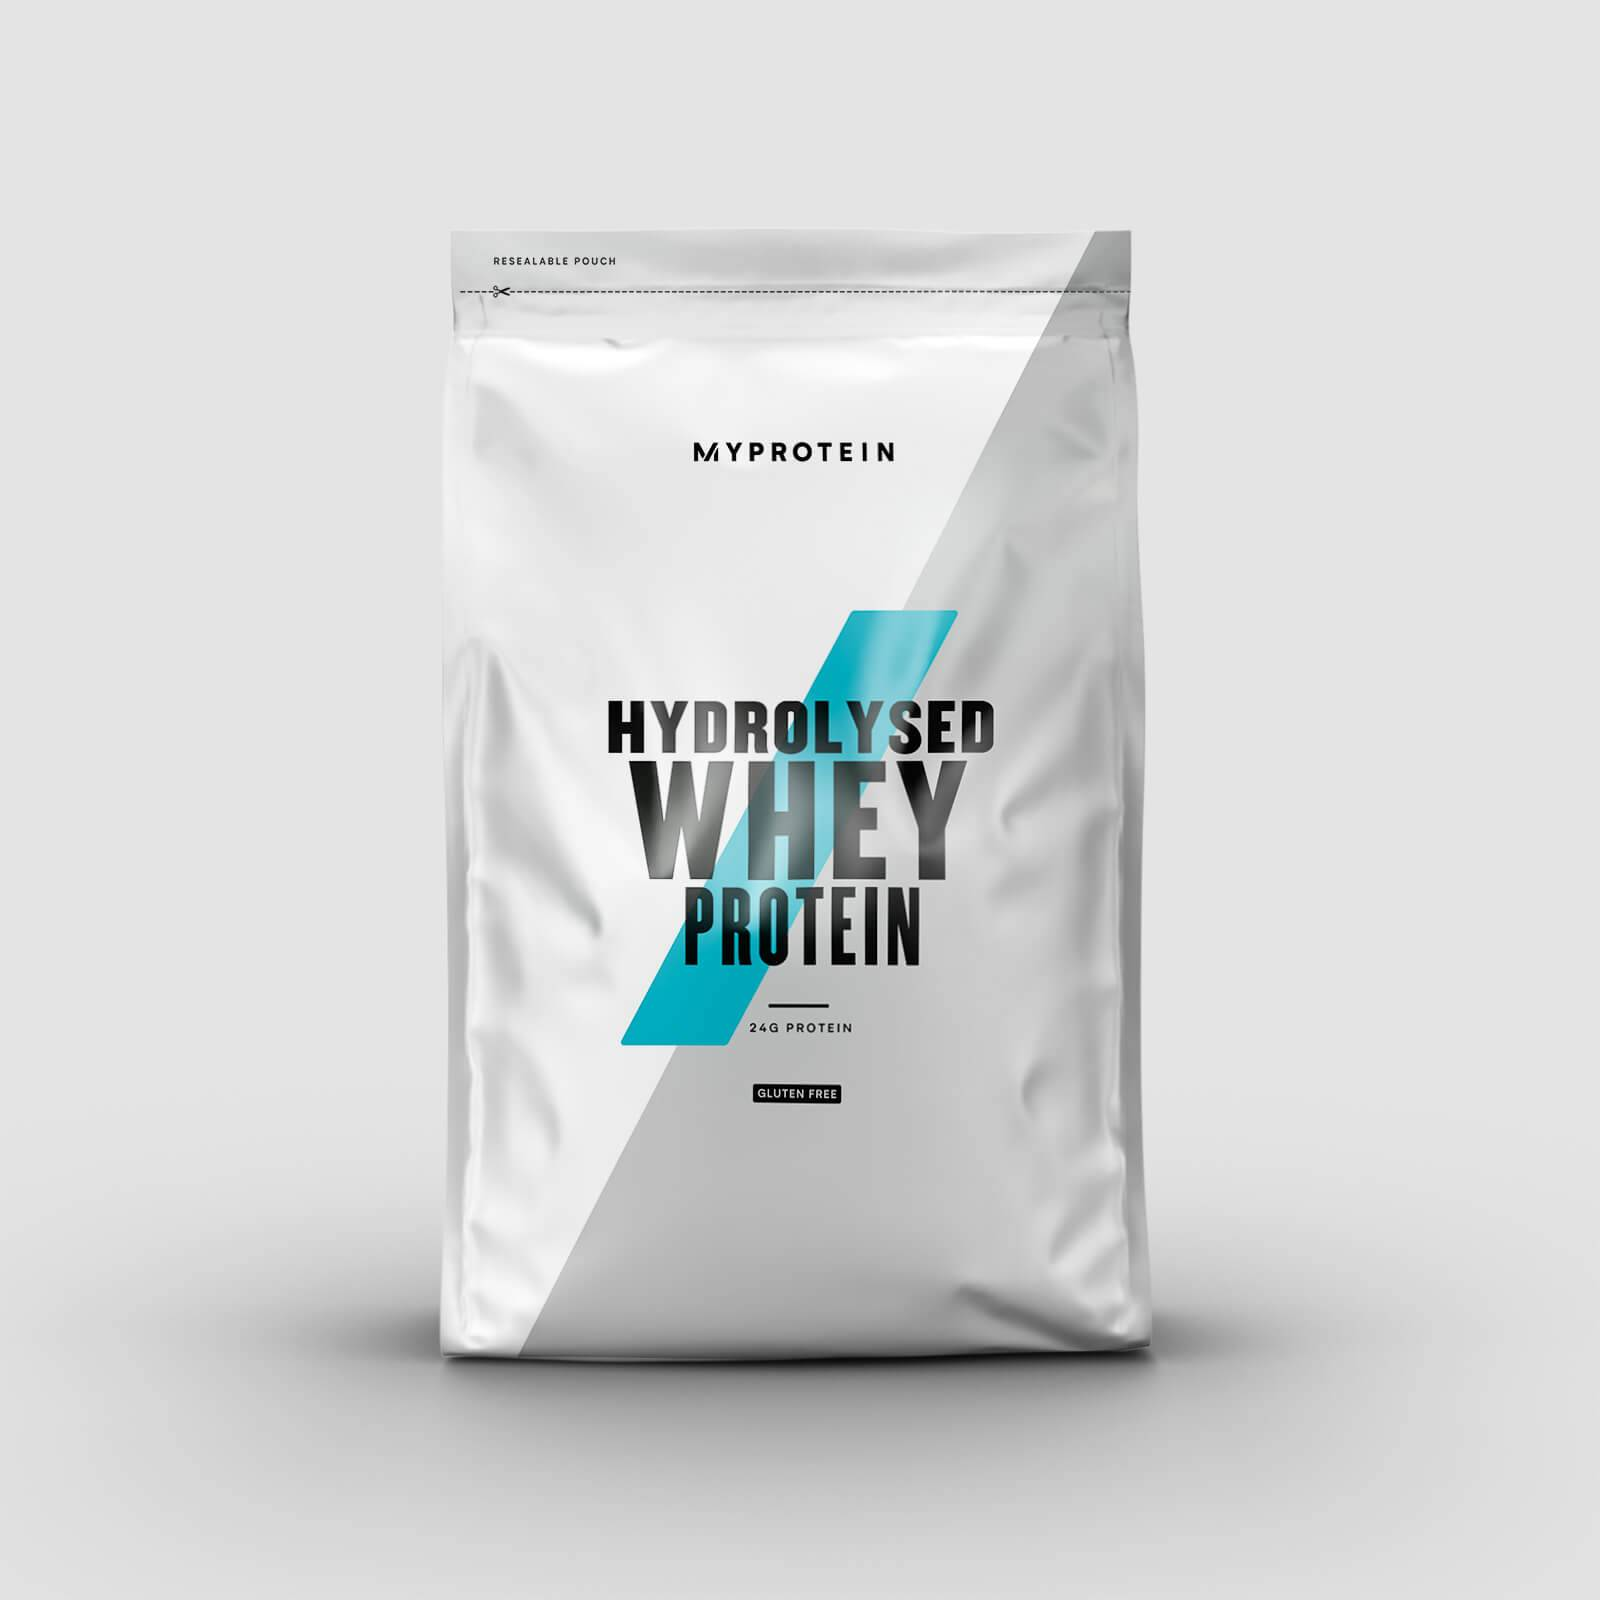 Myprotein Protéine de whey hydrolysée - 1kg - Sans arôme ajouté